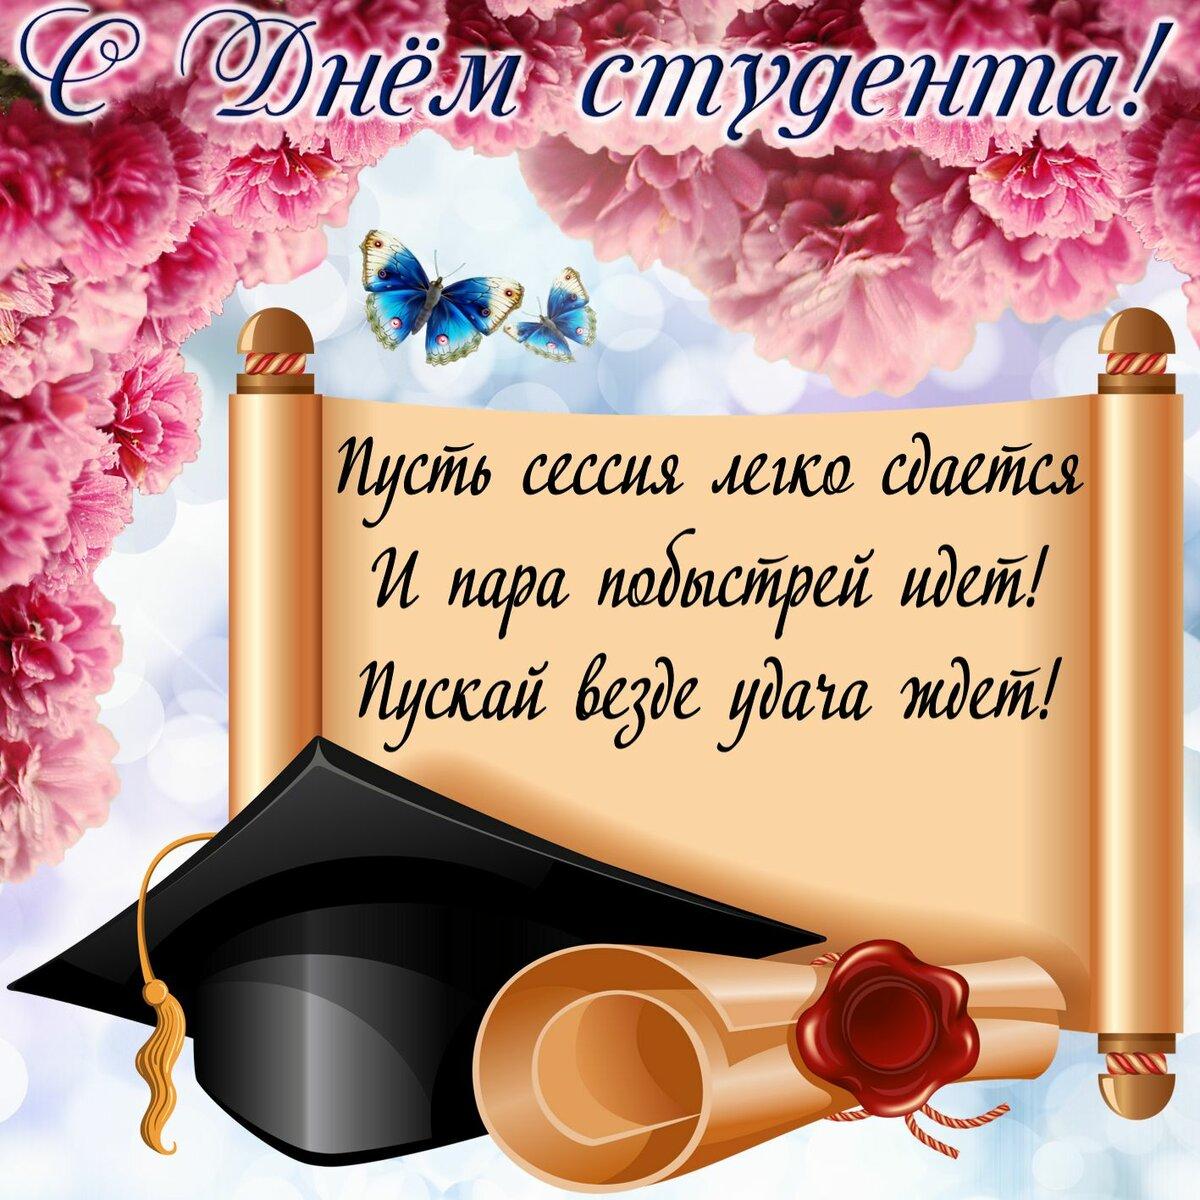 СМС поздравления с Днем студента